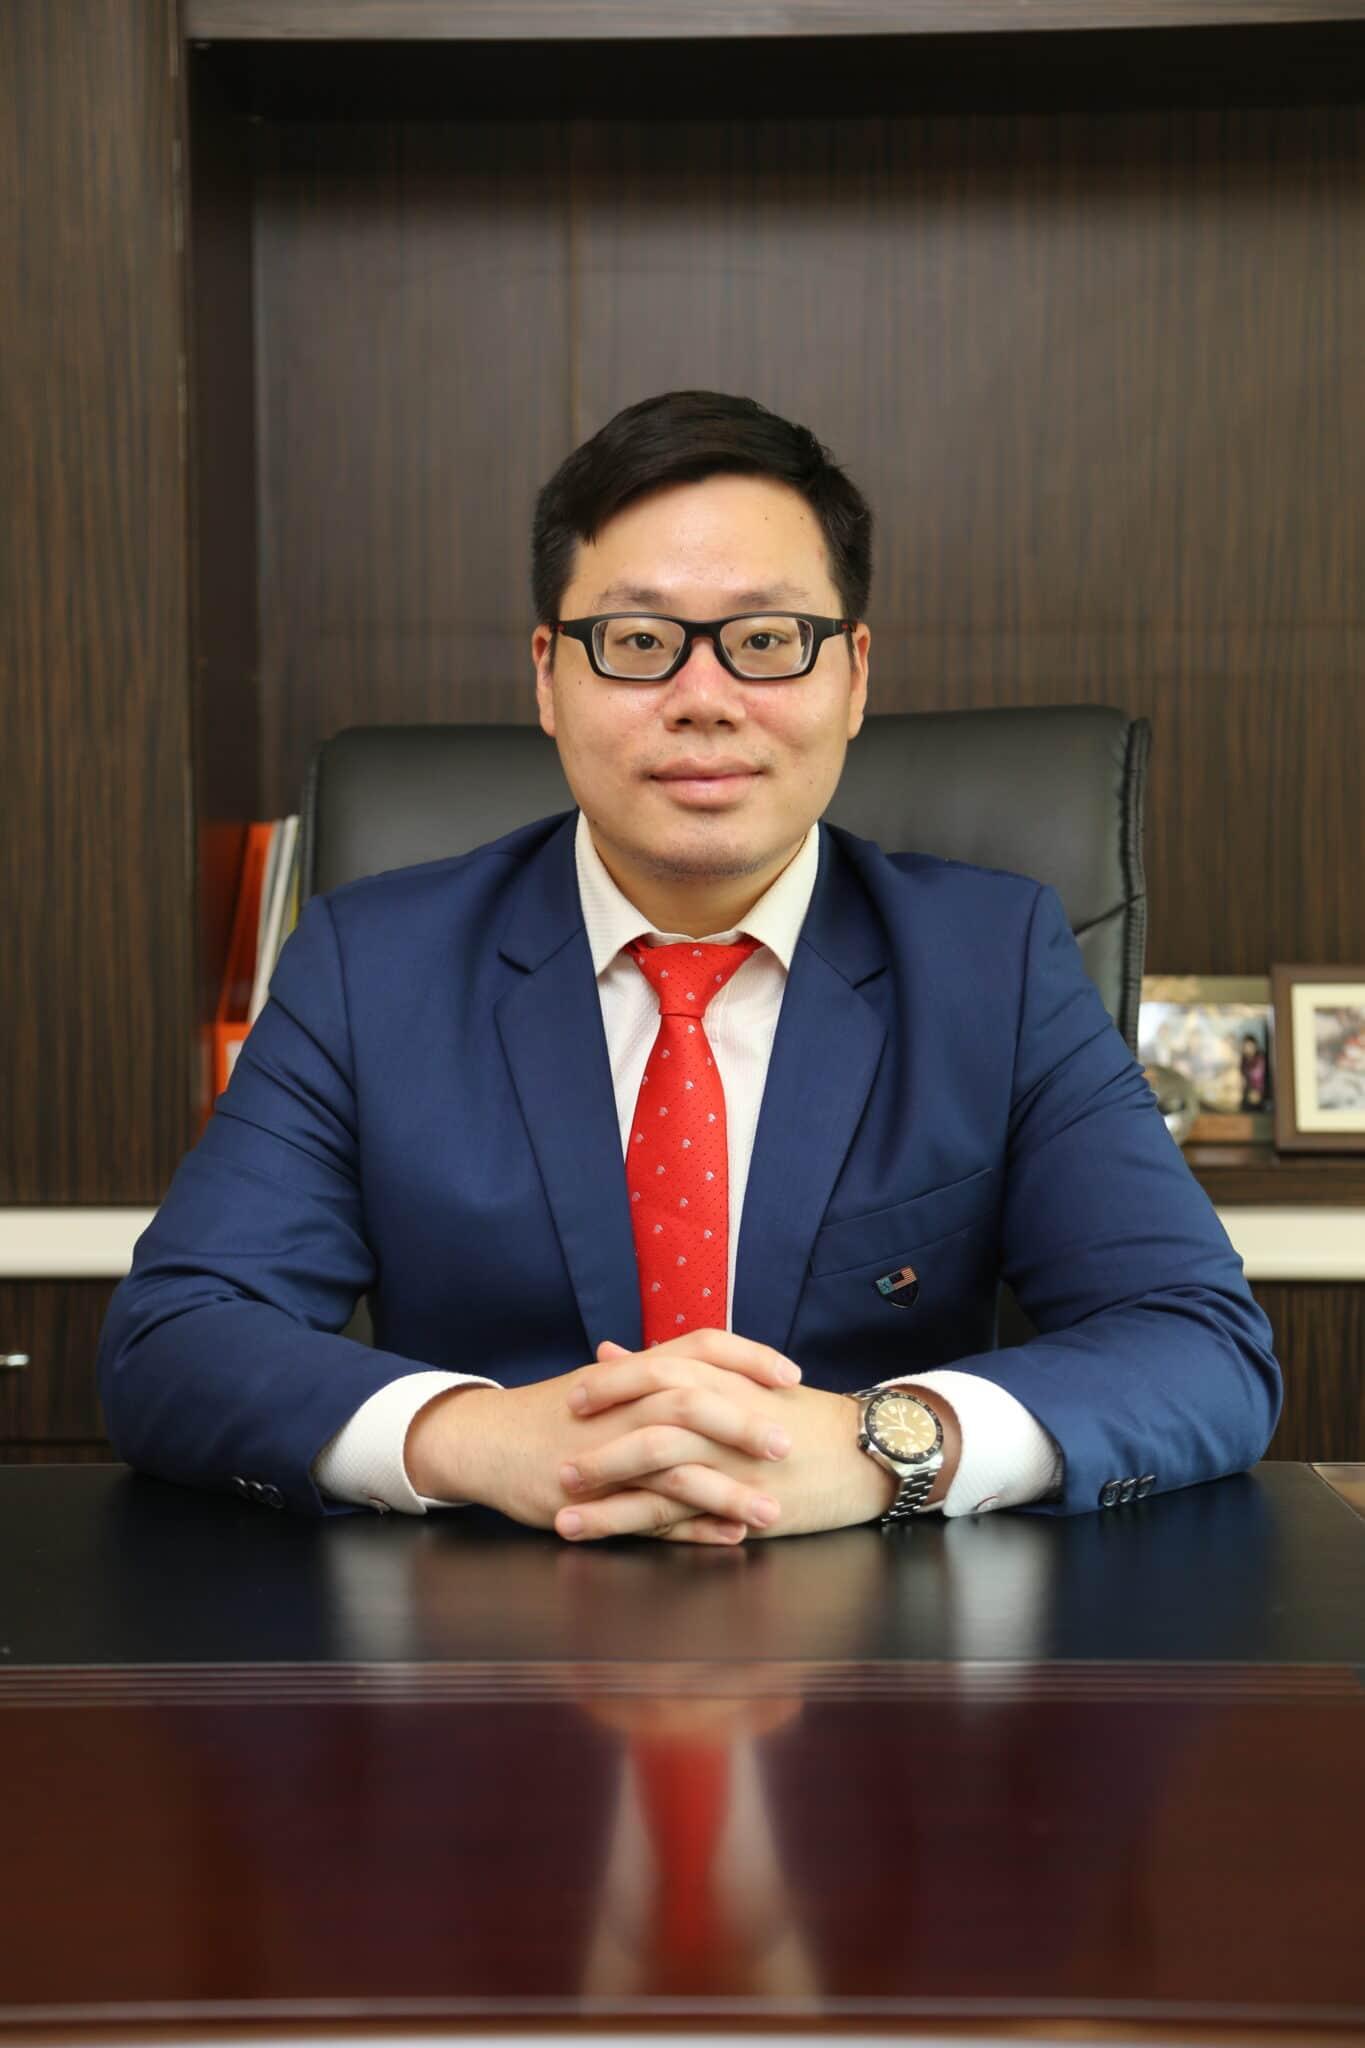 Jeremy Lim Envo Bpo scaled